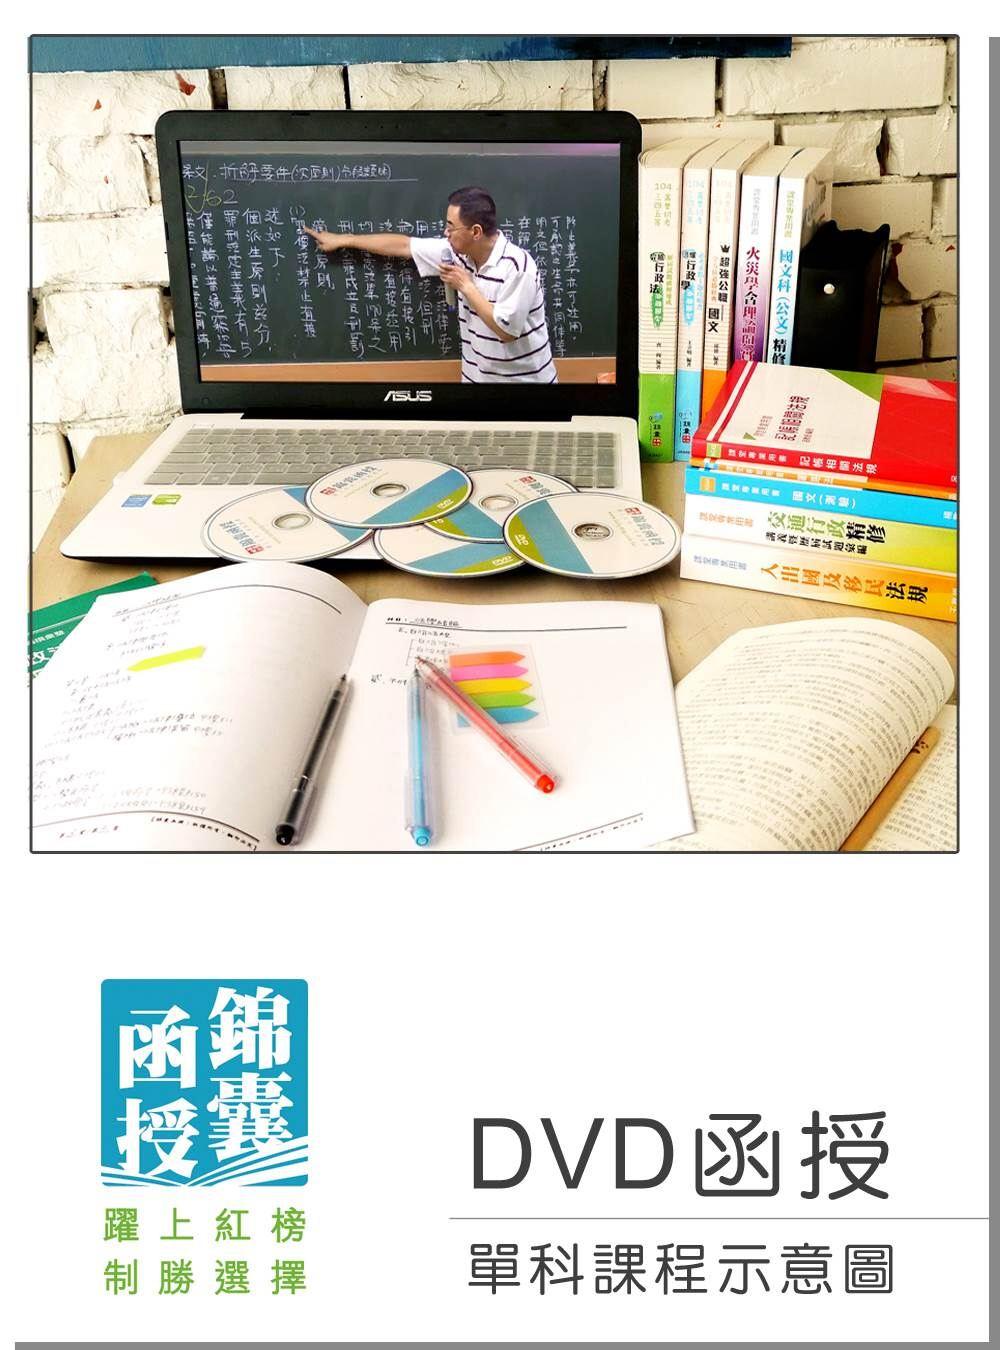 【DVD函授】鐵路運輸學(含運輸學):單科課程(106版)